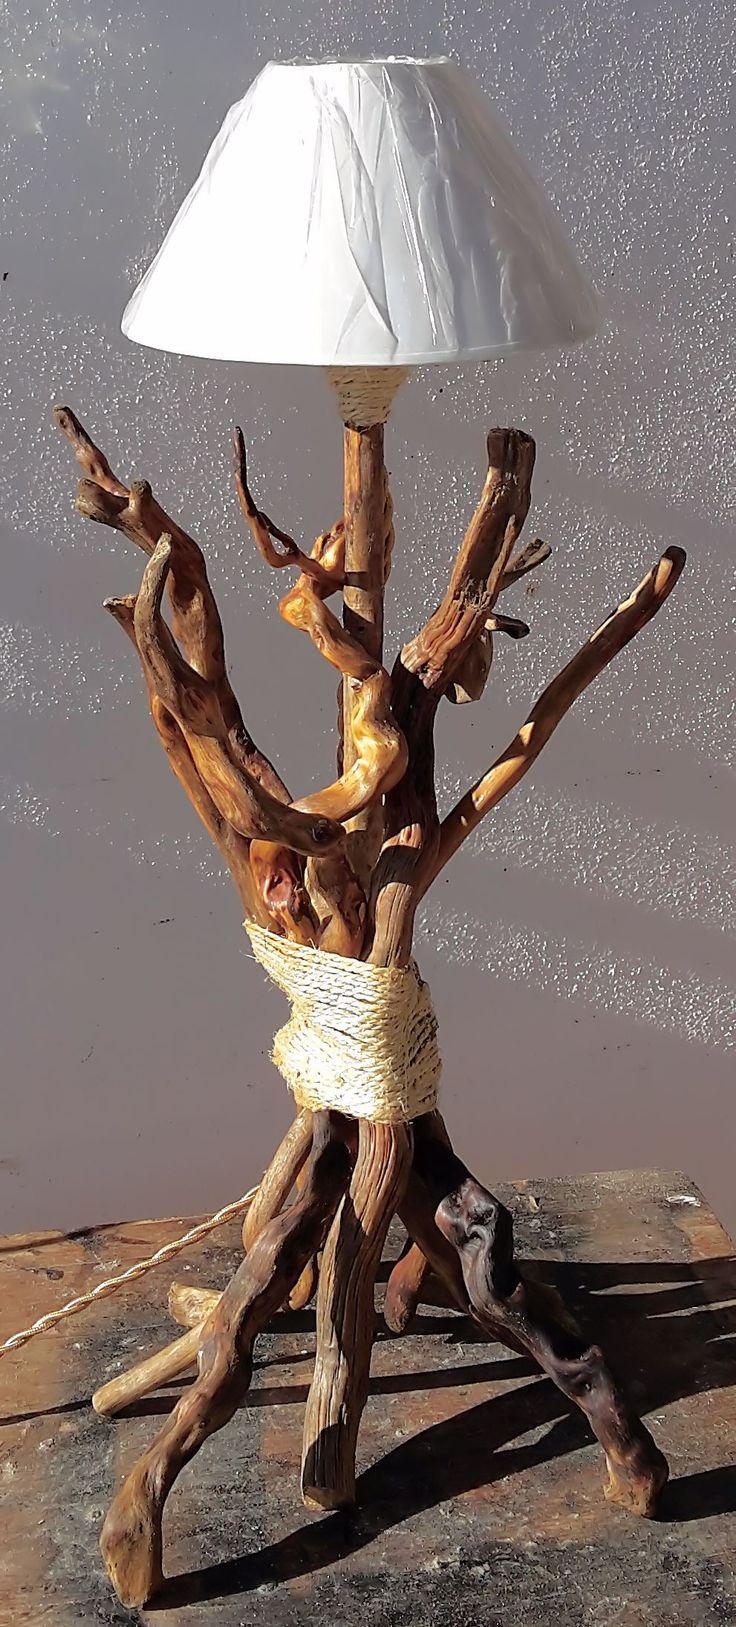 in legno marino realizzato artigianalmente con legni recuperati dal mare trattati con prodotti naturali olio di lino per risaltare maggiormente forma e venature, la lampada è alta 75 cm, la base 28 cm rifinita con corda di iuta.